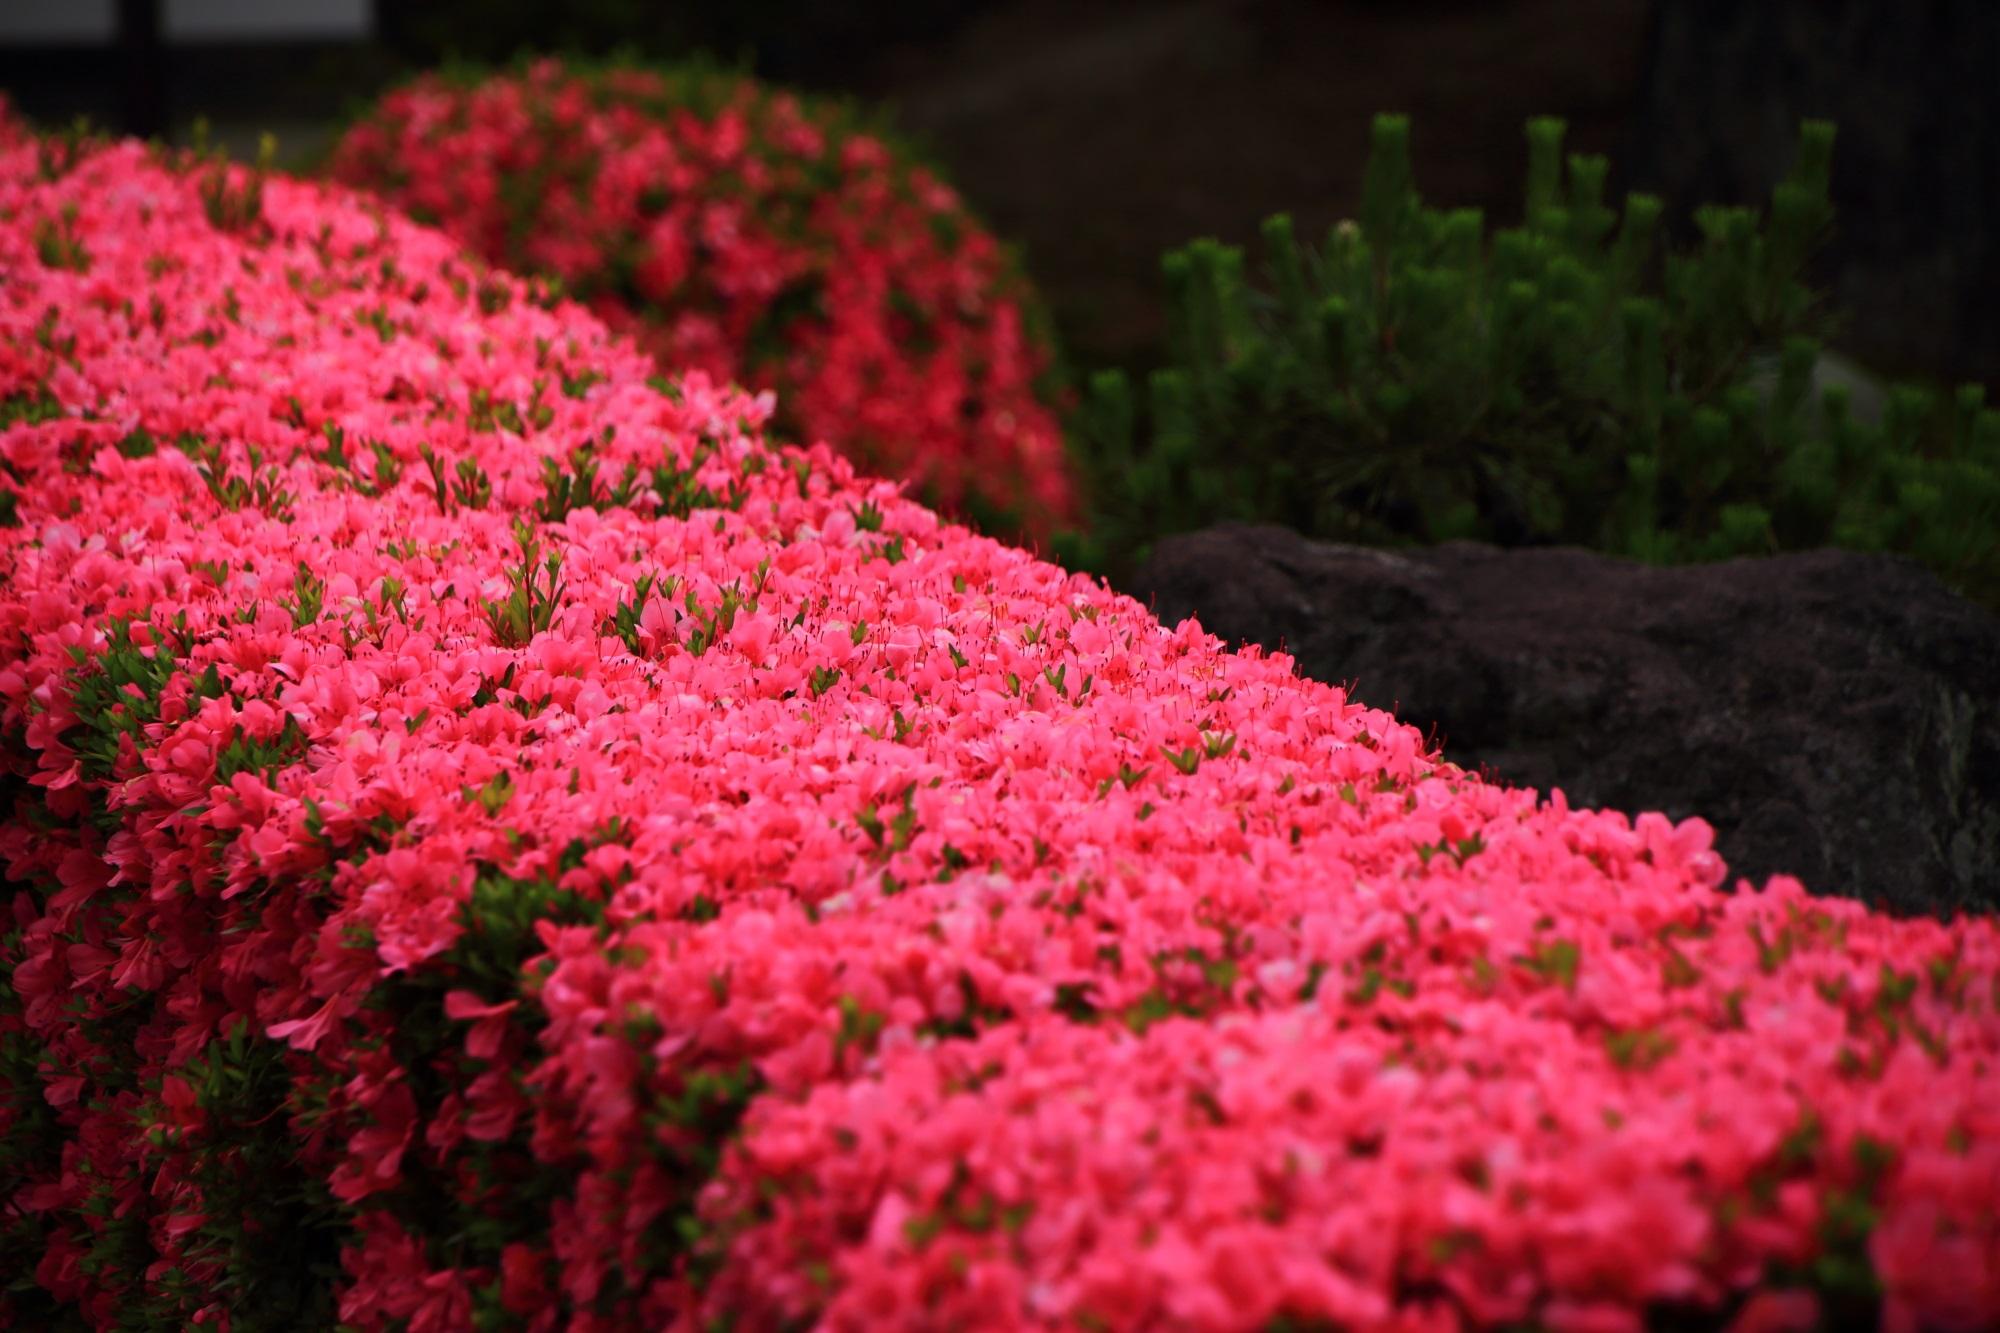 溢れんばかりに咲き乱れるピンクのサツキの花